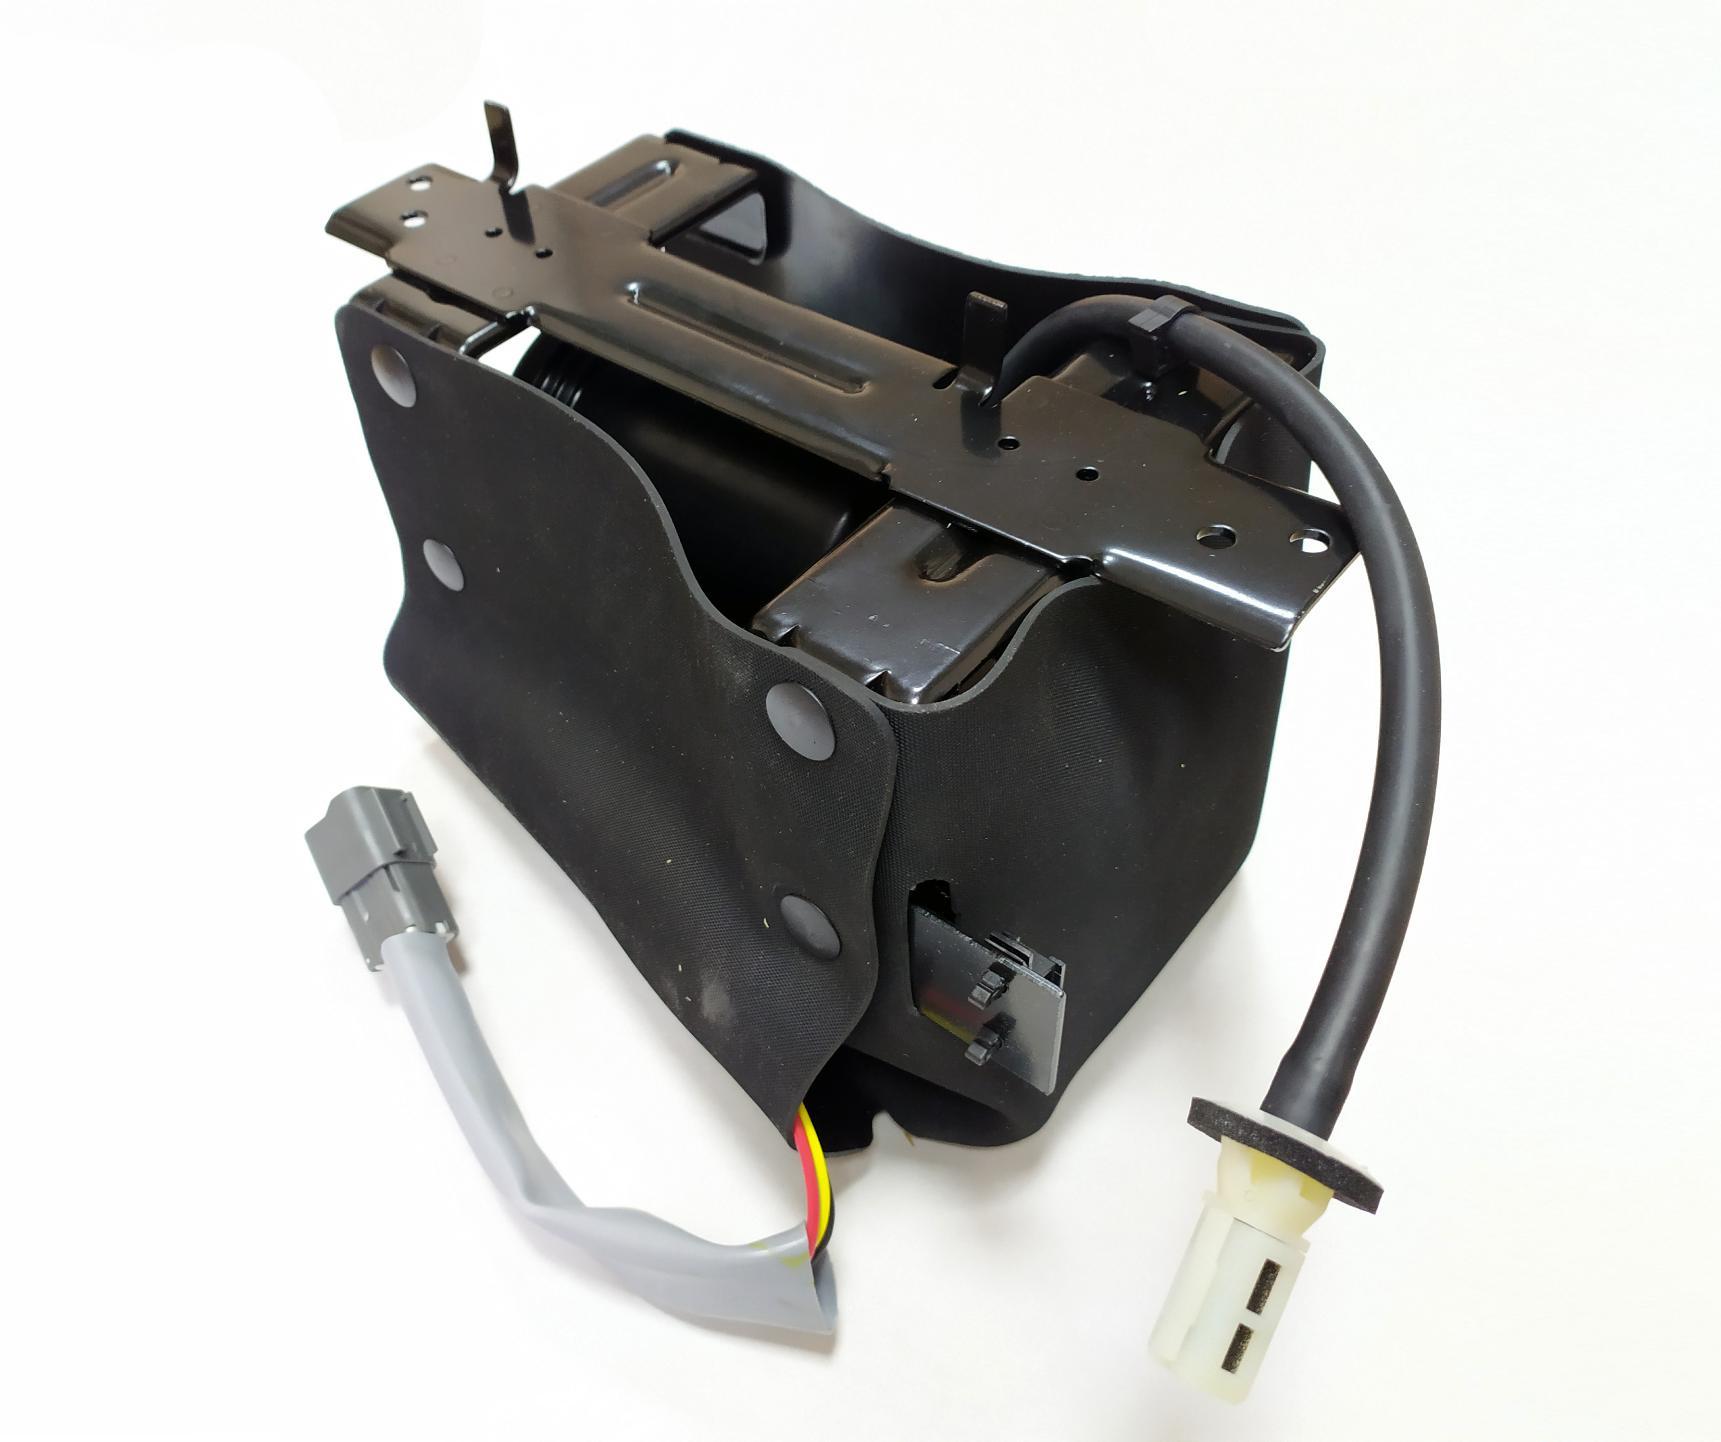 картинка Новый компрессор пневмоподвески AirBagit для Infiniti QX56/QX80 Z62 JA60, Nissan Armada Y62 (534007S600, 534001LA4A) от магазина пневмоподвески ПневмоМаркет